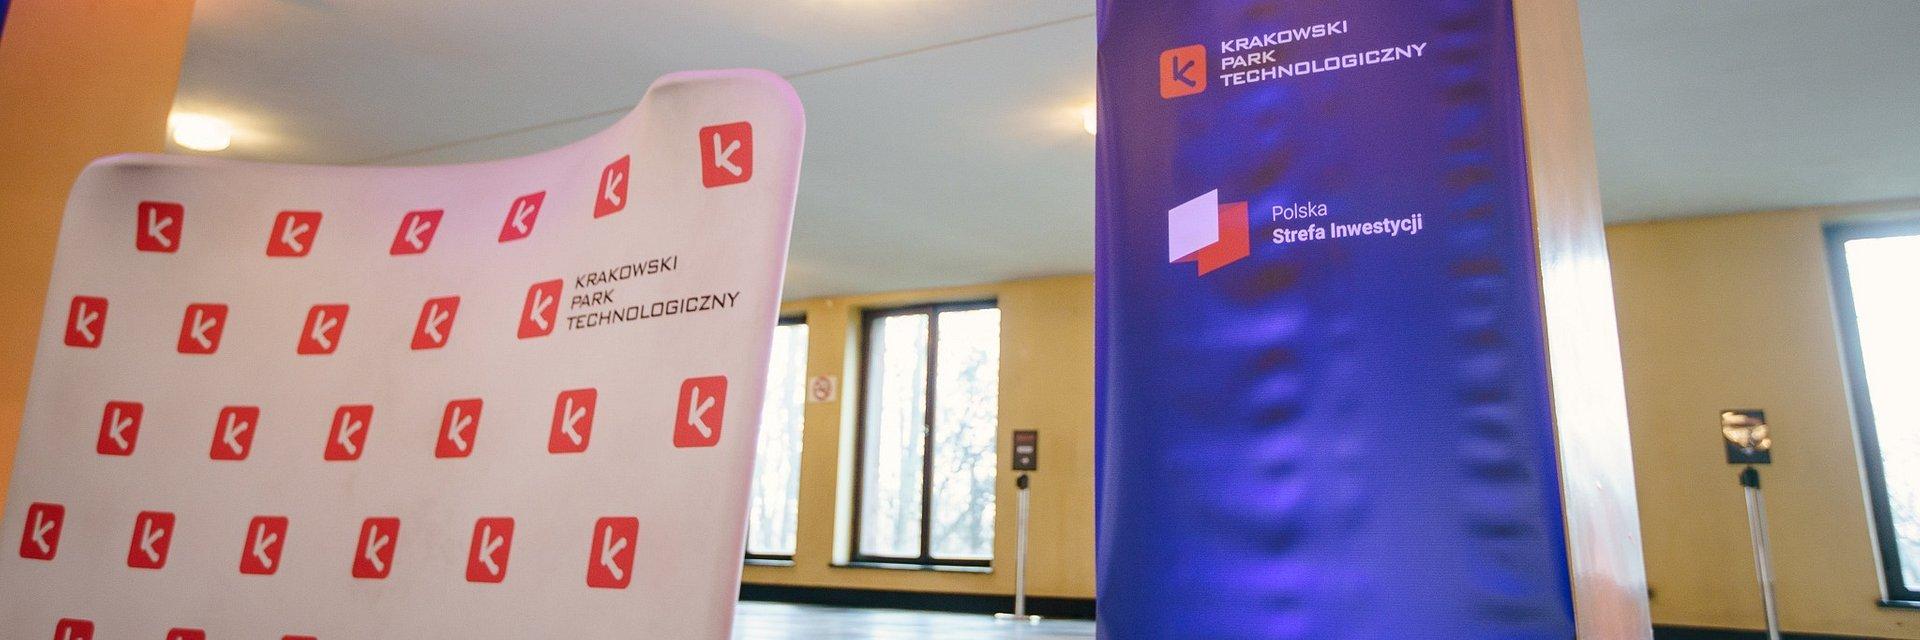 60 decyzja w ramach Polskiej Strefy Inwestycji wydana!